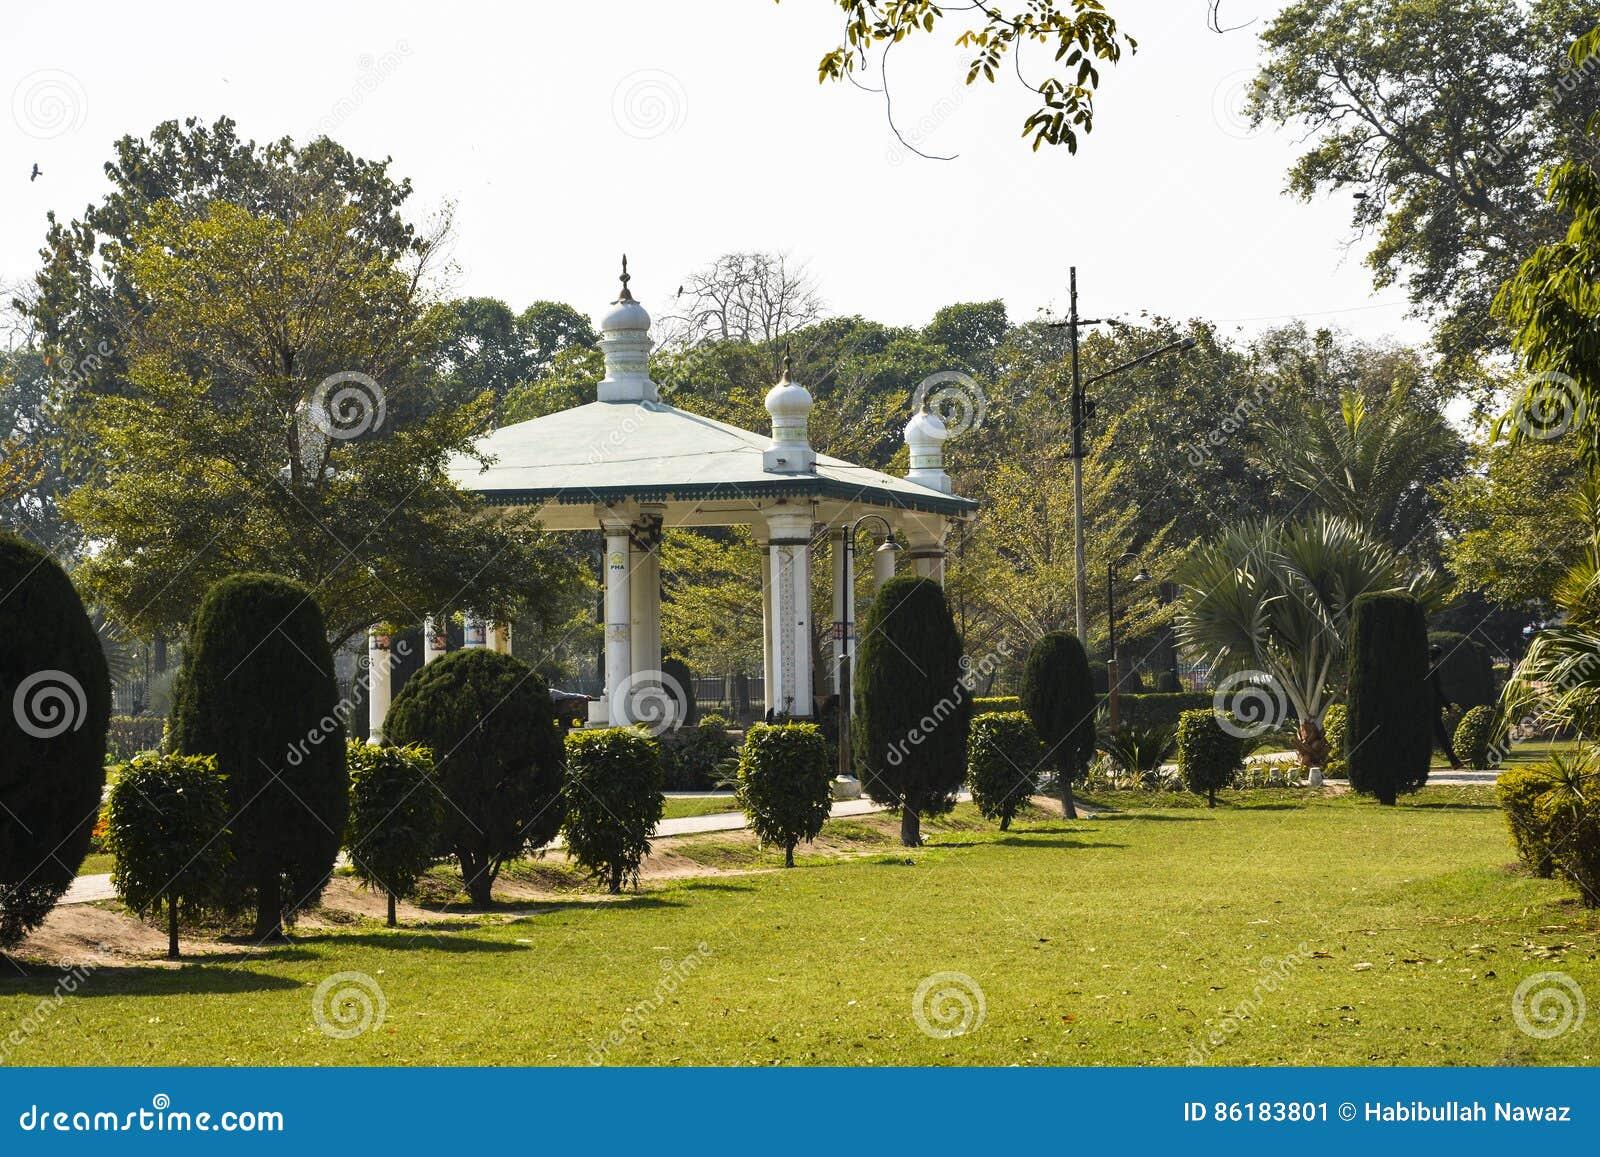 Jinnah Park Faisalabad